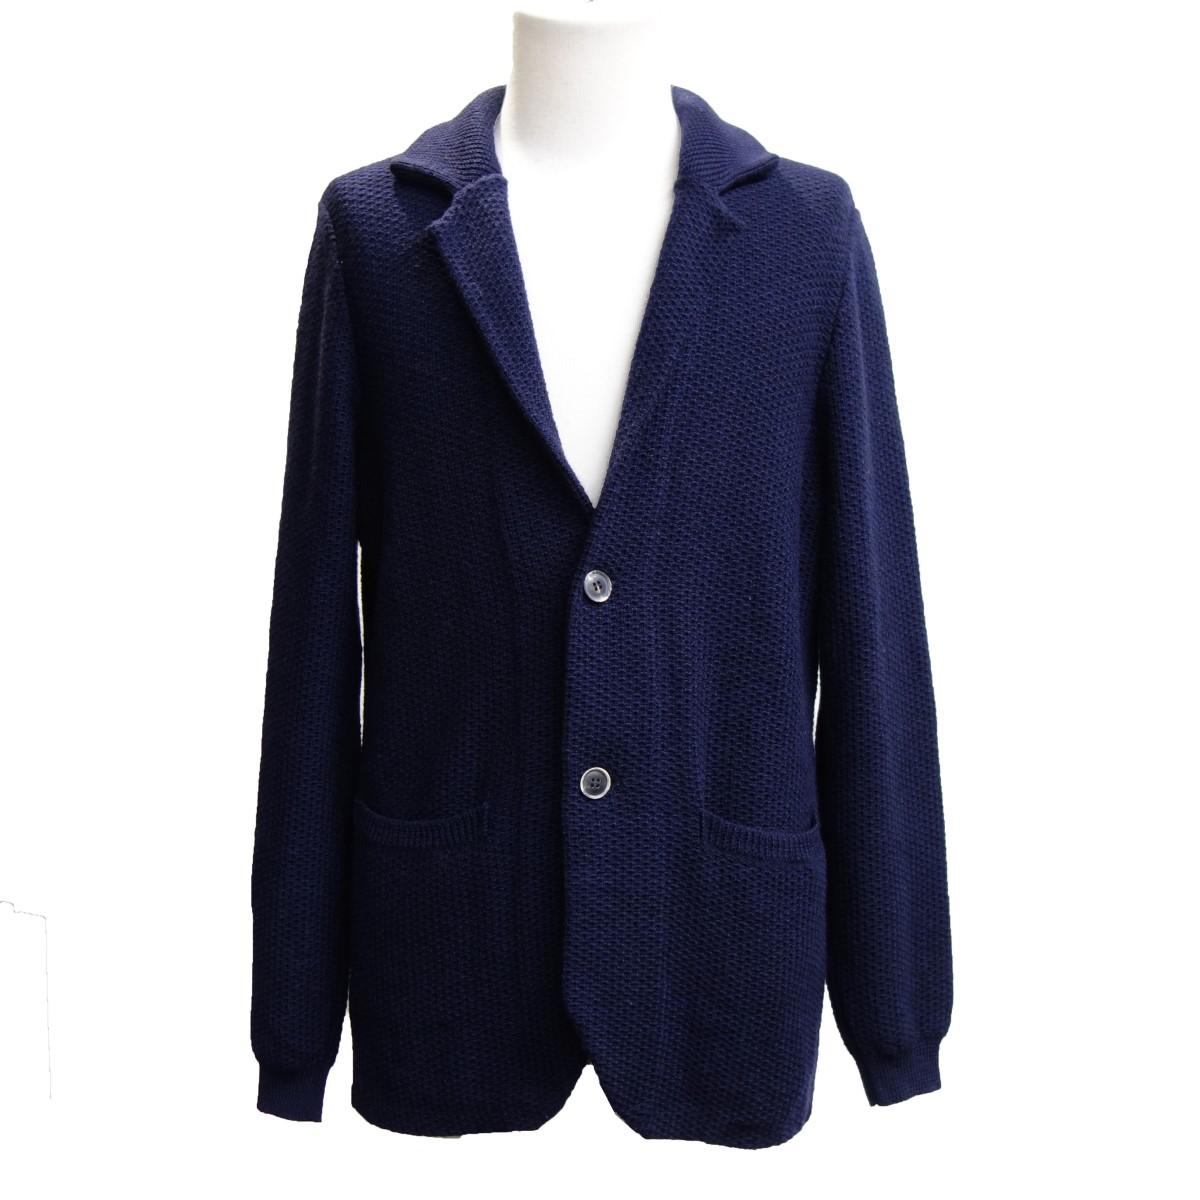 【中古】Drumohr ニットジャケット ネイビー サイズ:46 【210420】(ドルモア)